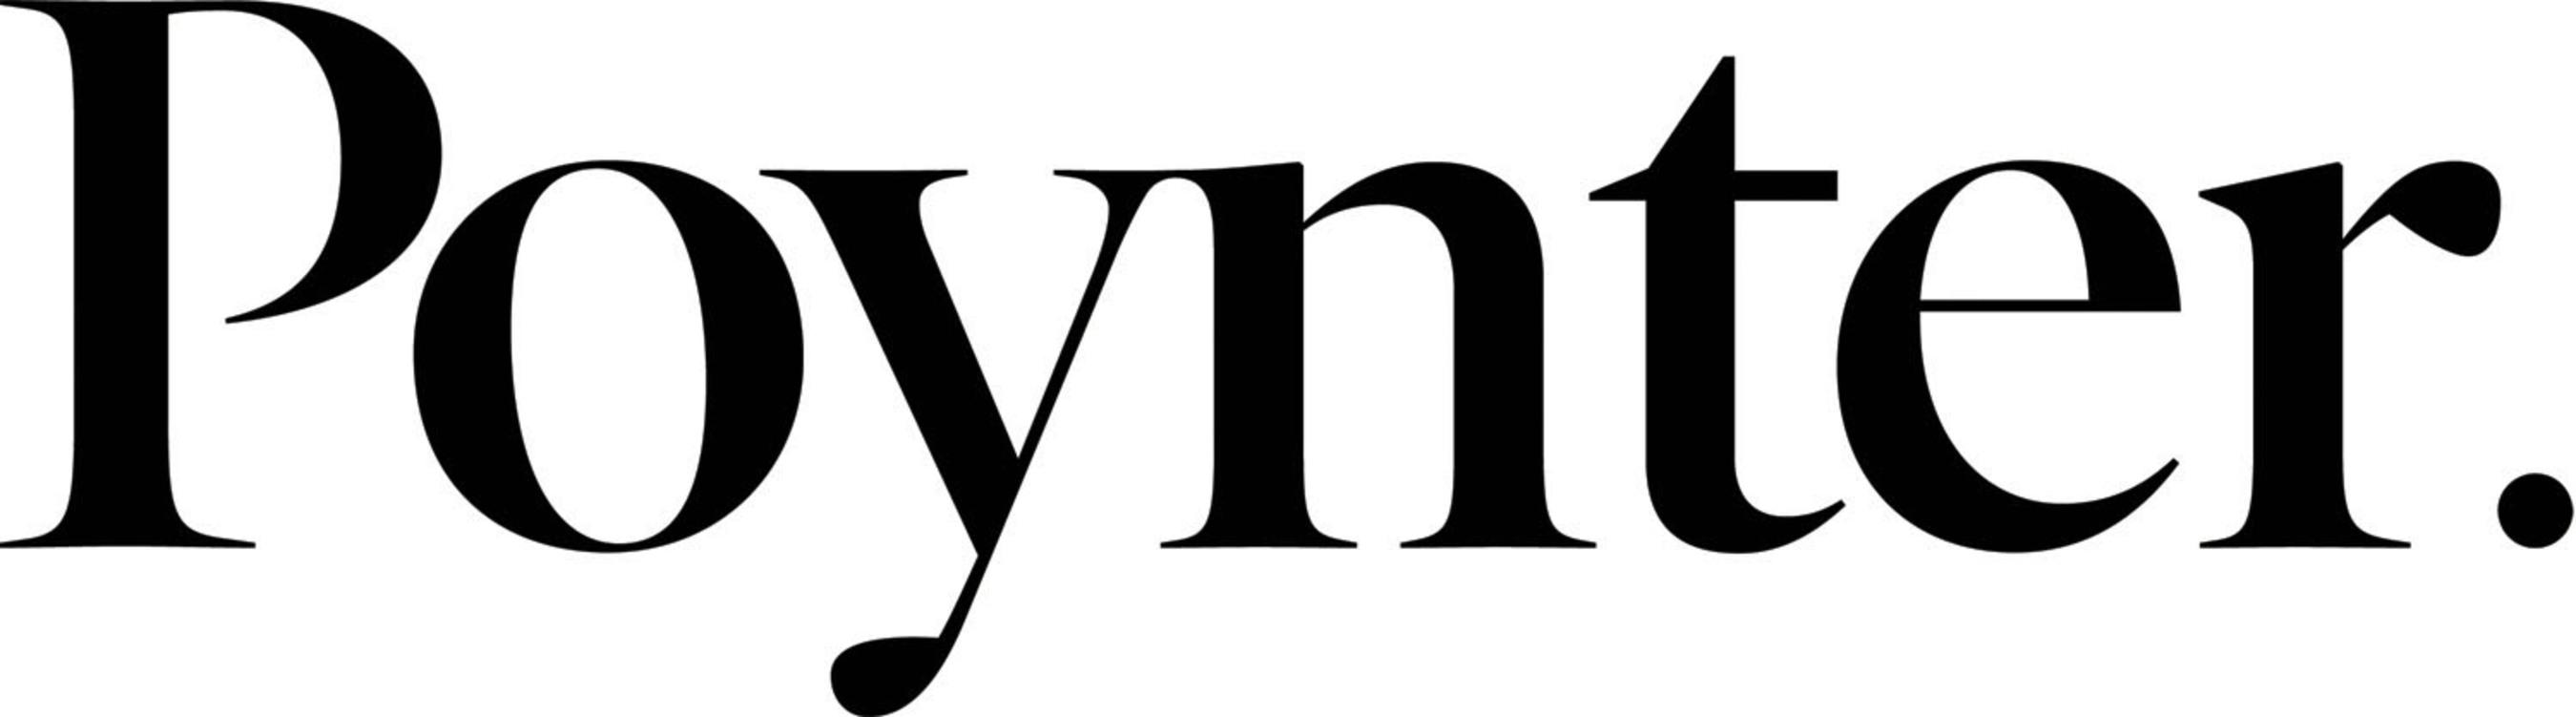 The Poynter Institute for Media Studies